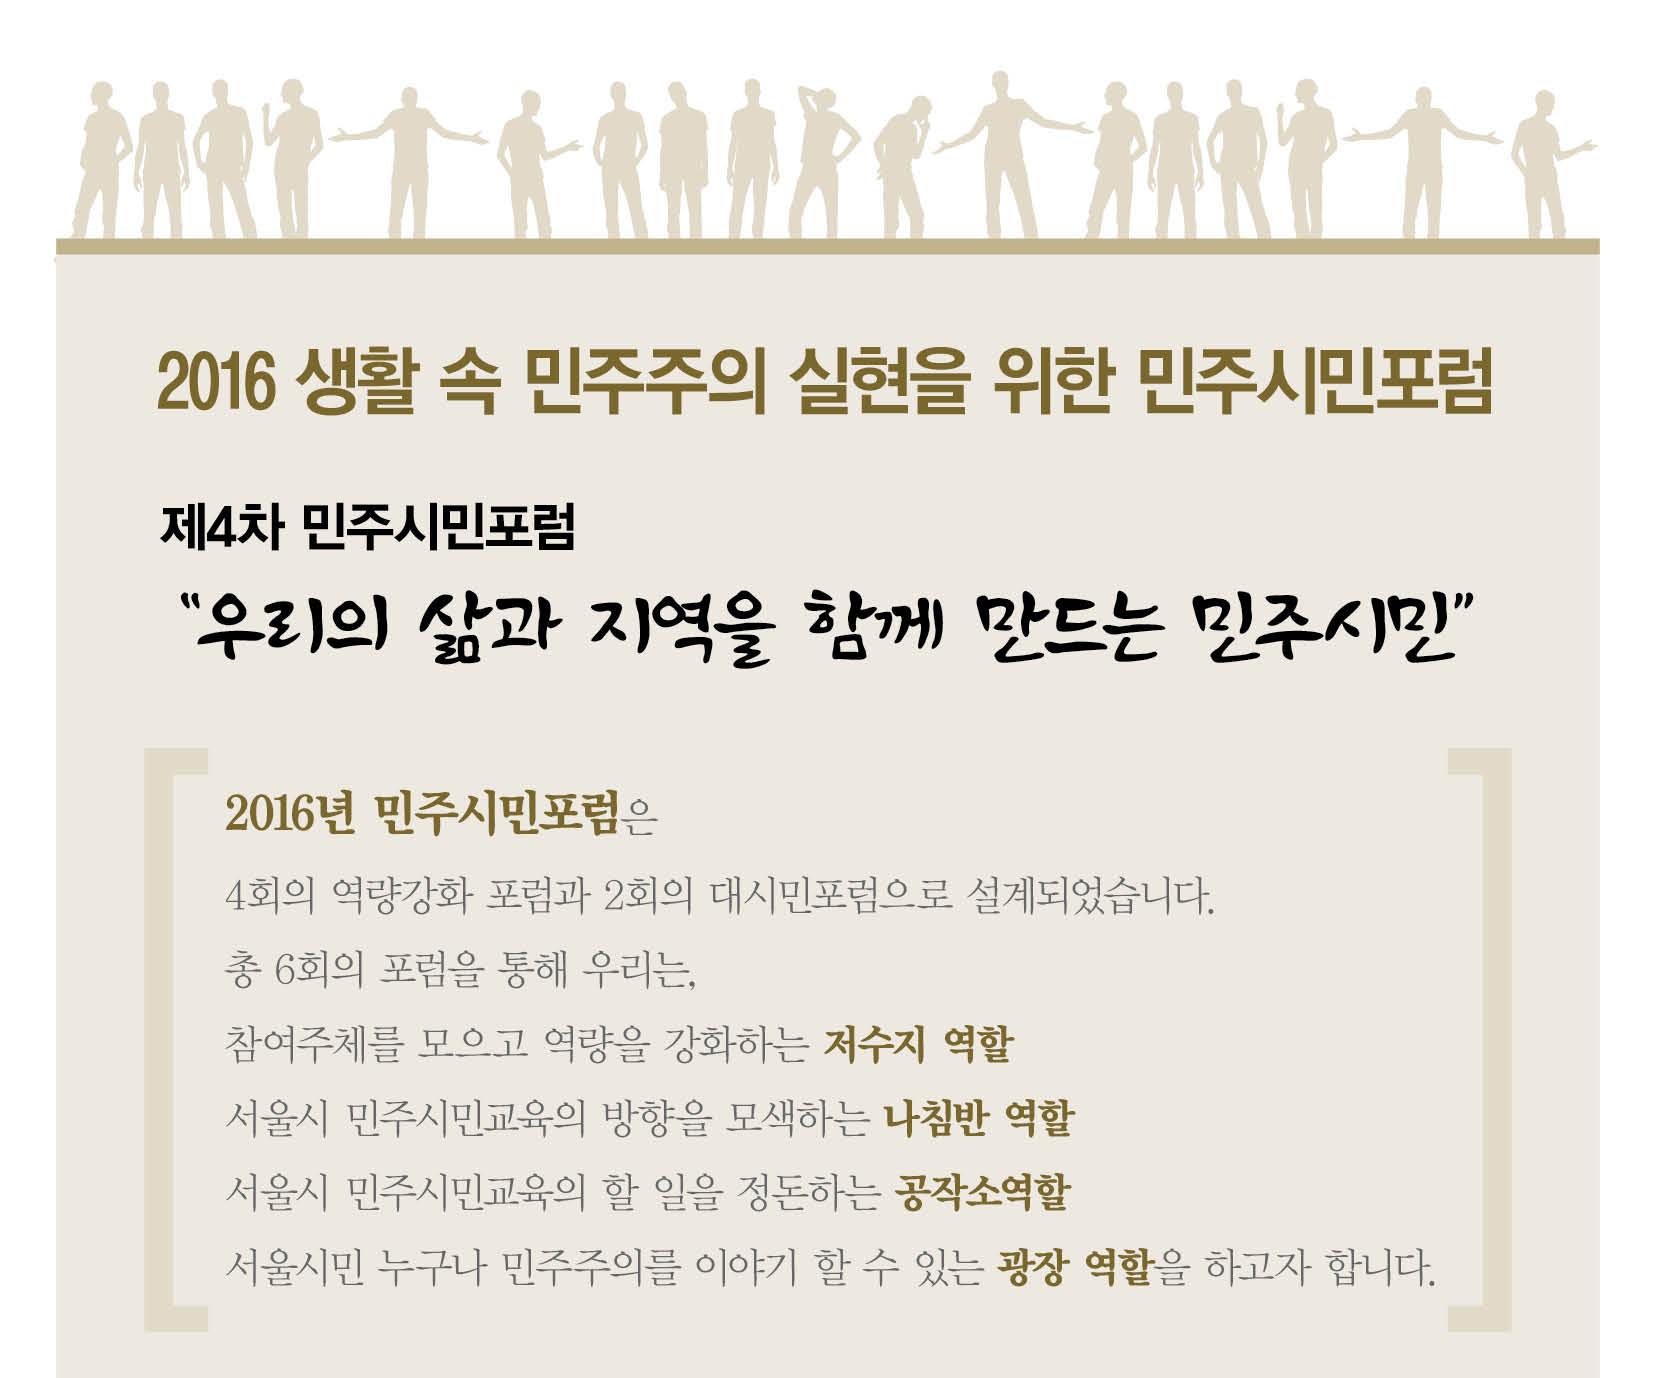 4차 민주시민포럼(newspaper).jpg